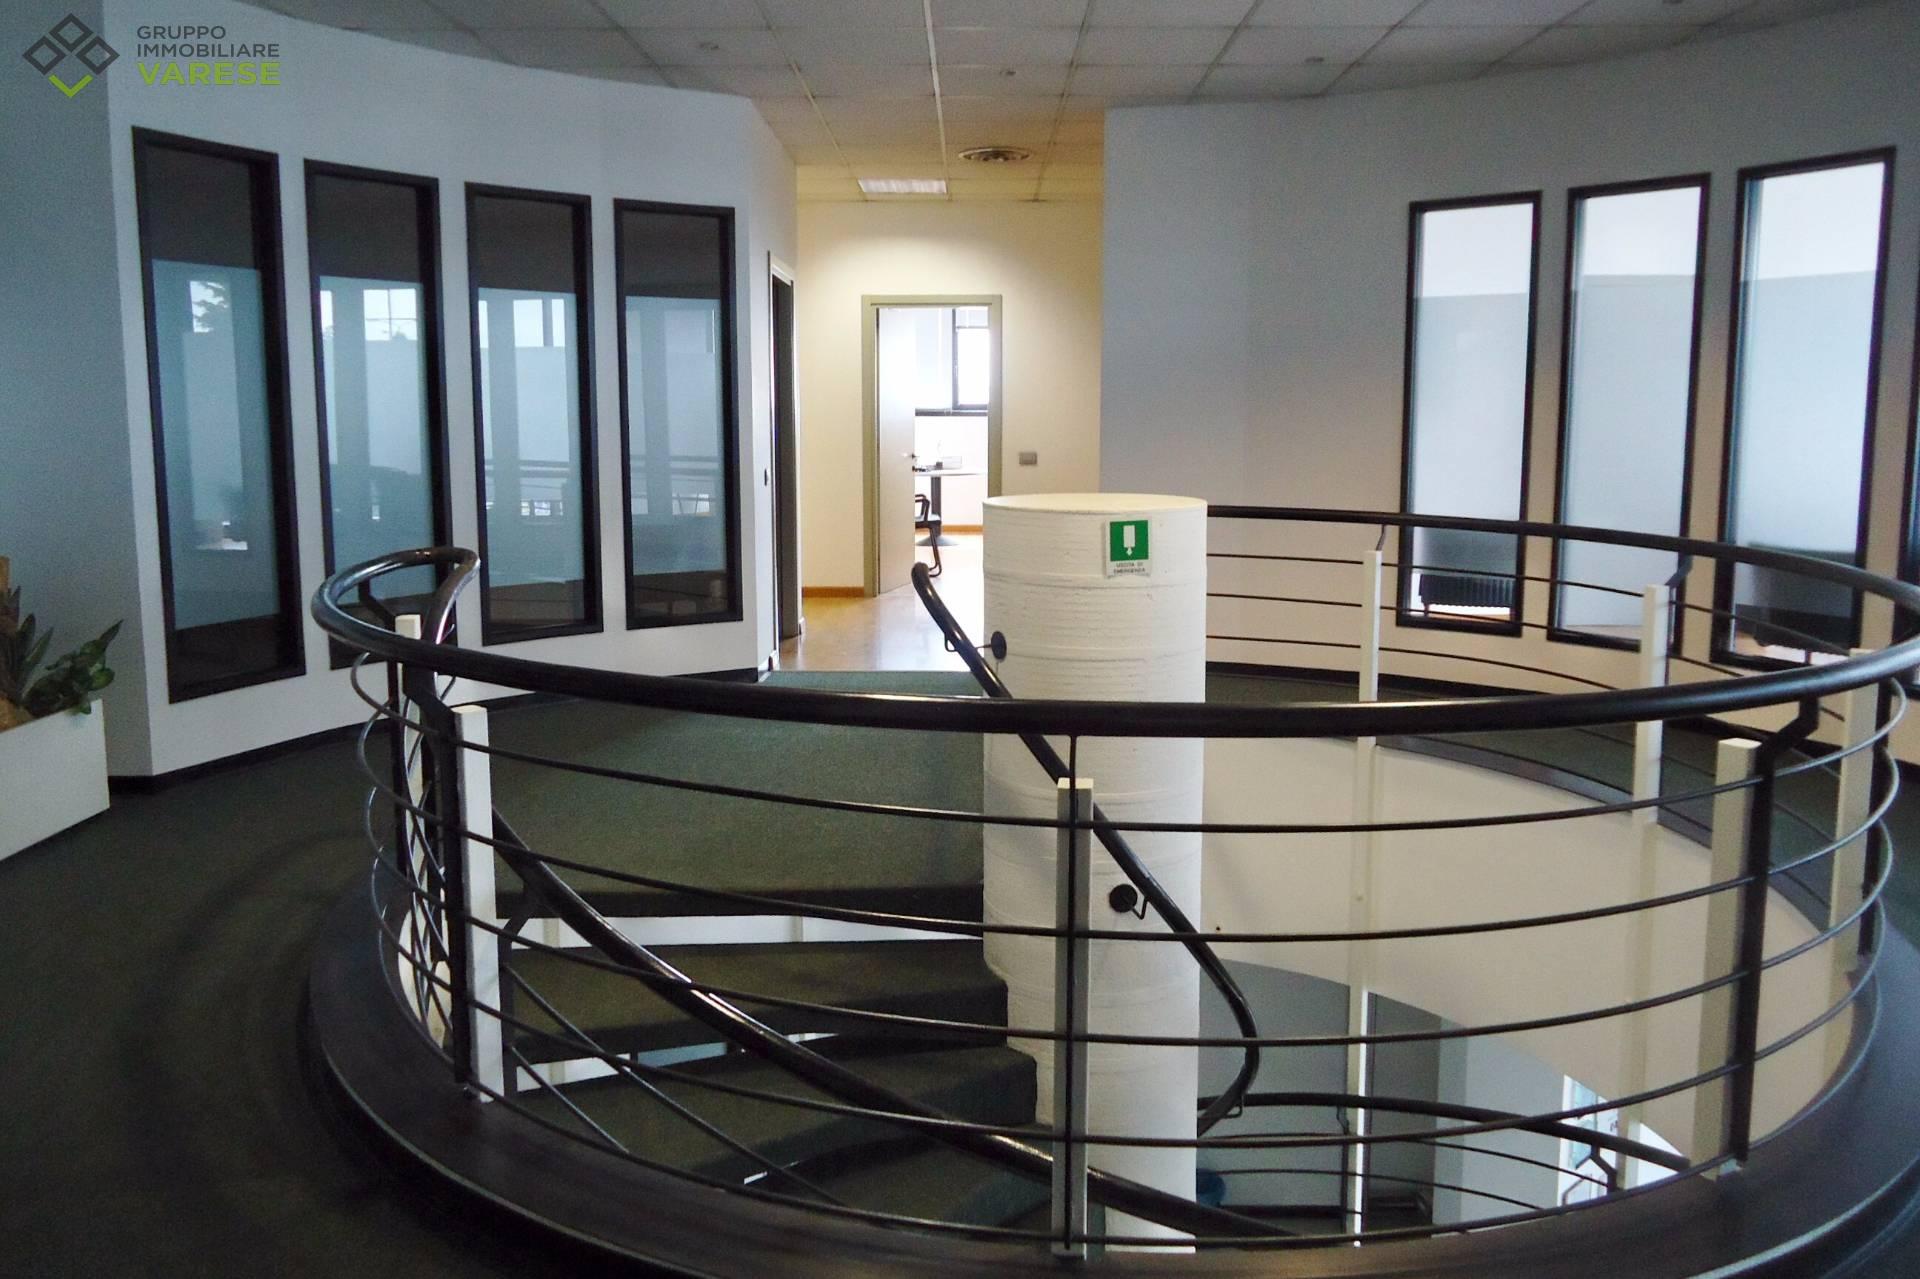 Ufficio / Studio in vendita a Malnate, 9999 locali, zona Zona: Gurone, prezzo € 490.000 | CambioCasa.it